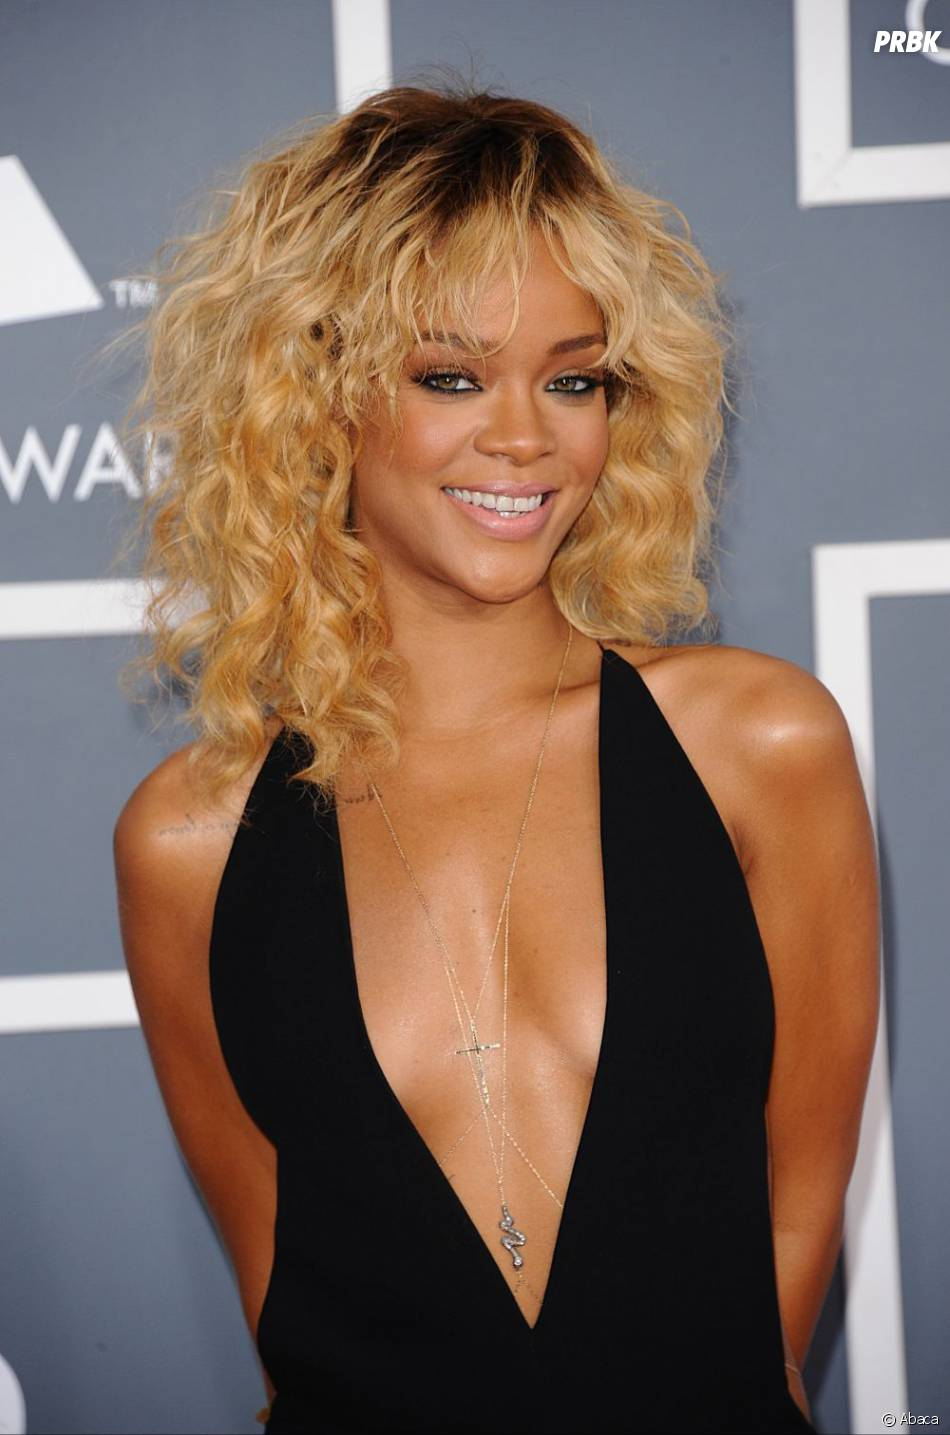 Selon Twitter, Rihanna aurait fait un coma éthylique avant de succomber à une crise cardiaque... Quelle imagination !